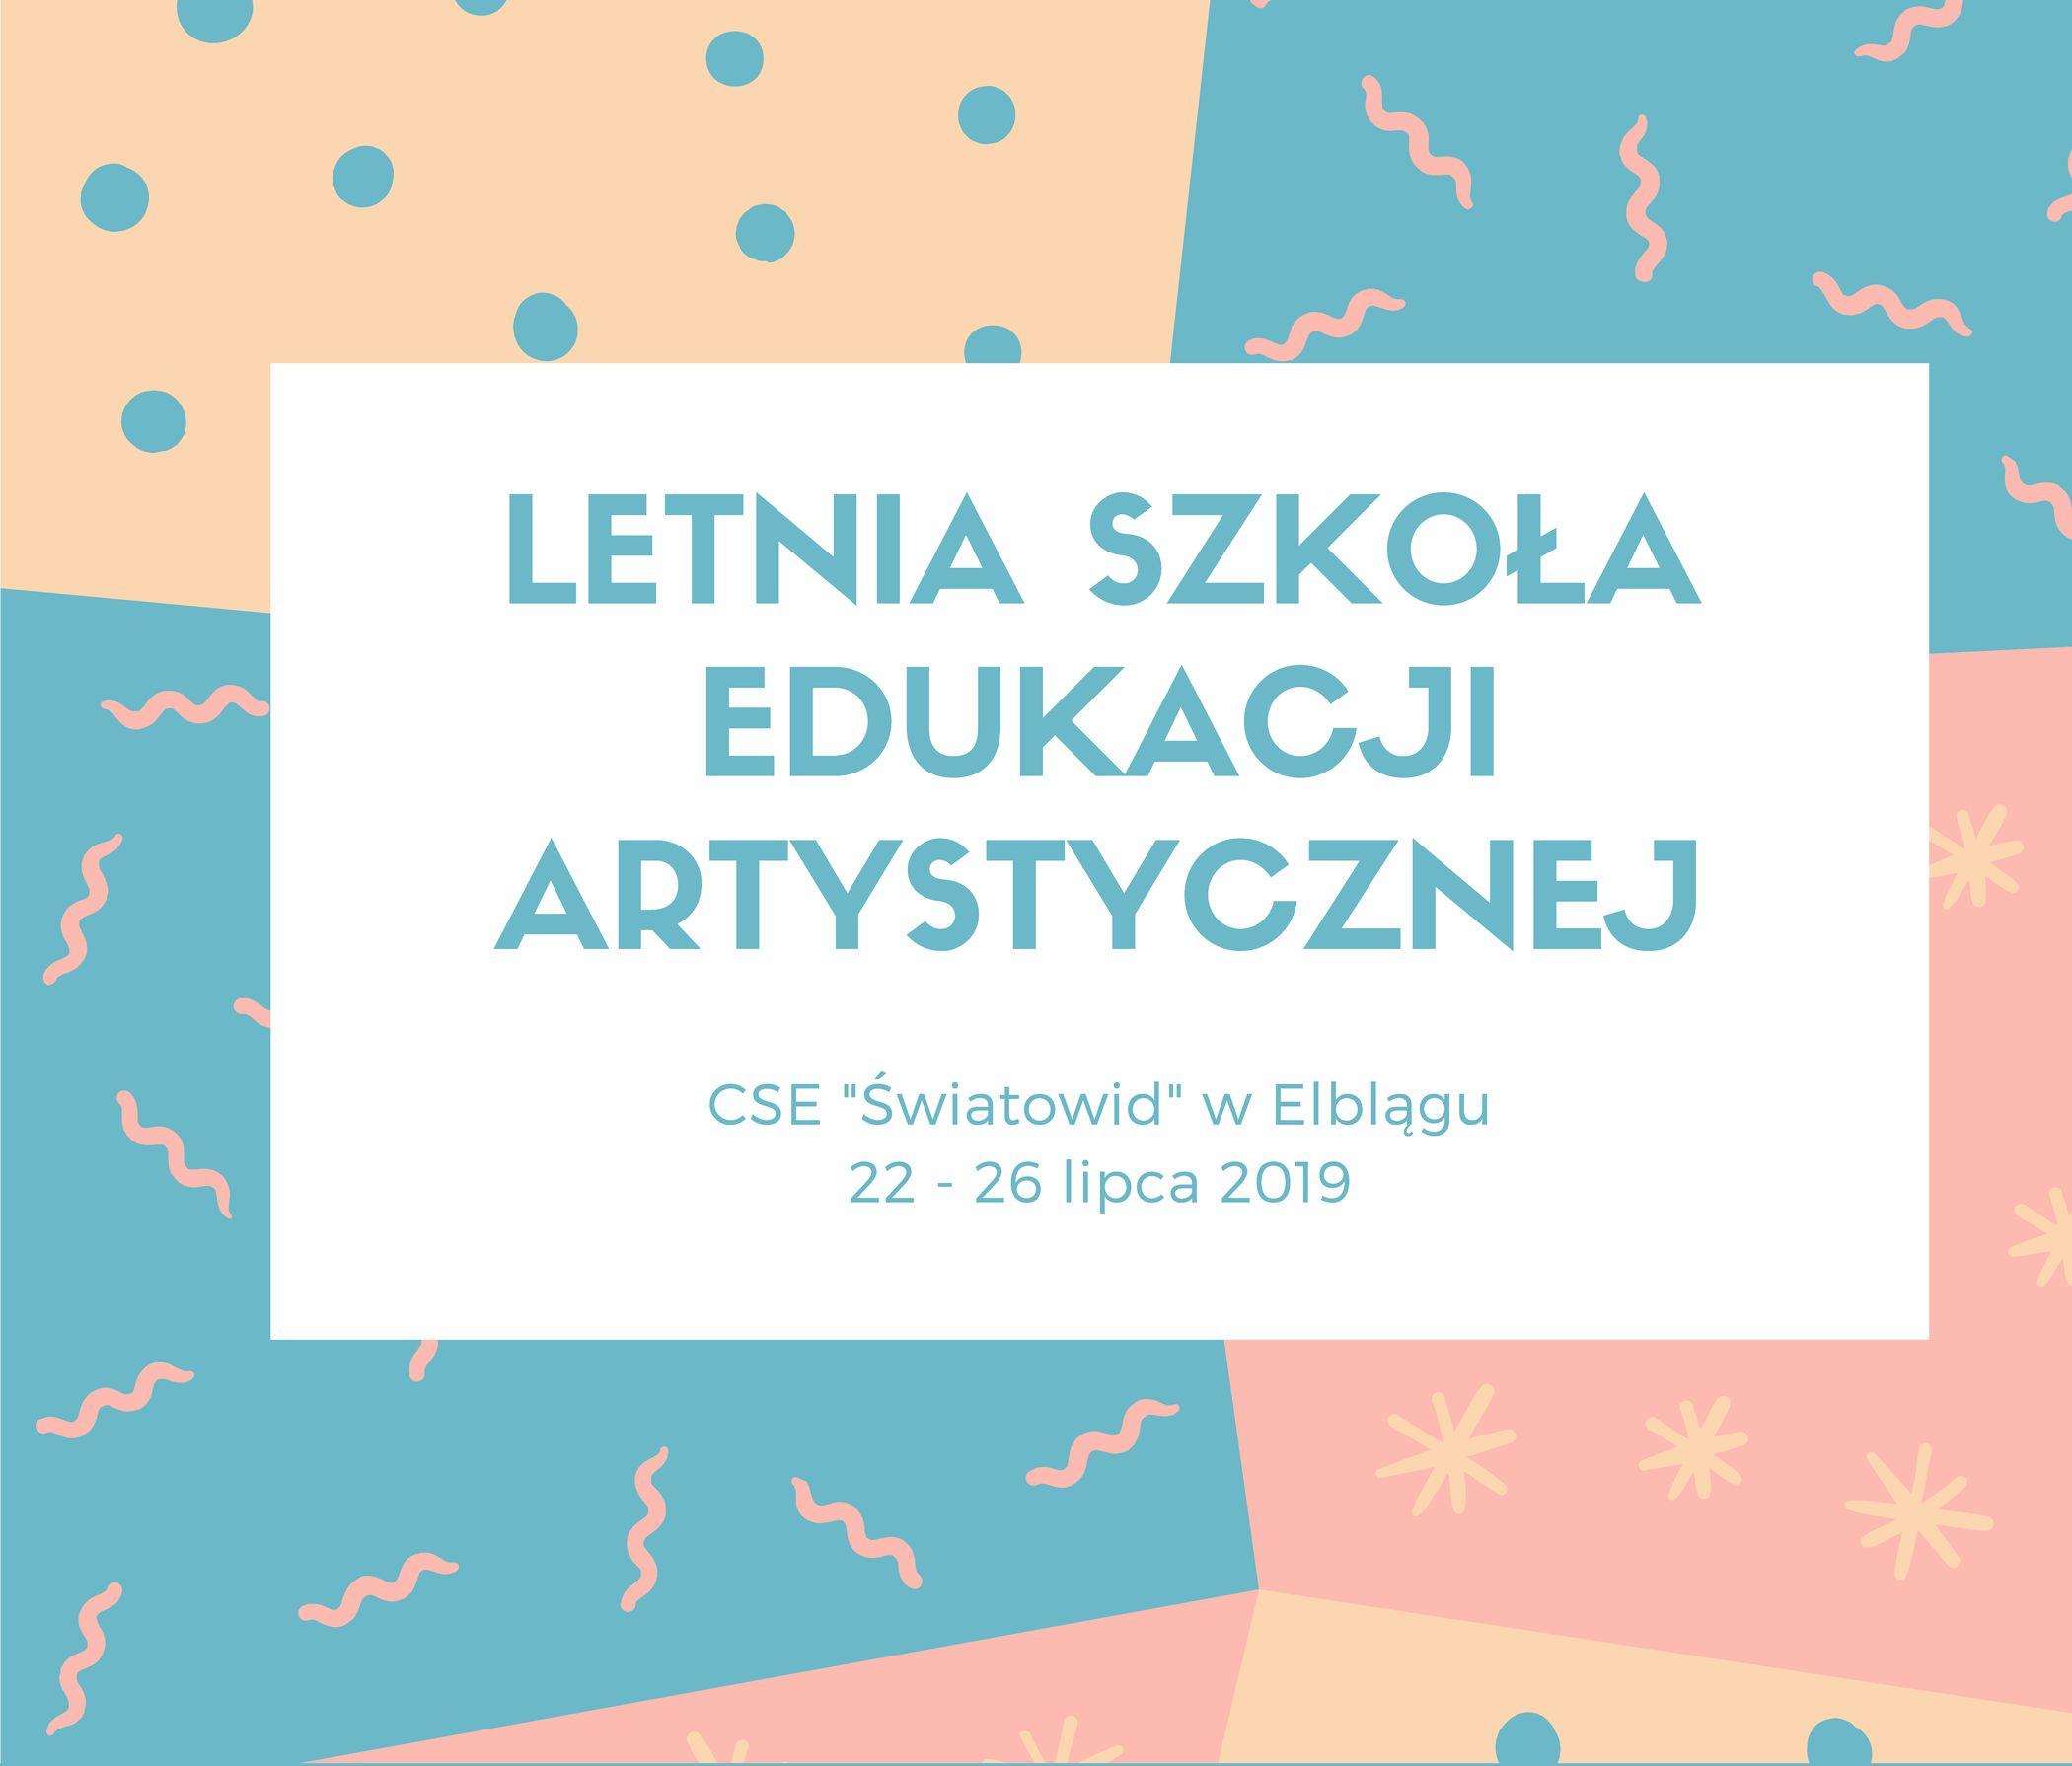 Rusza Letnia Szkoła Edukacji Artystycznej